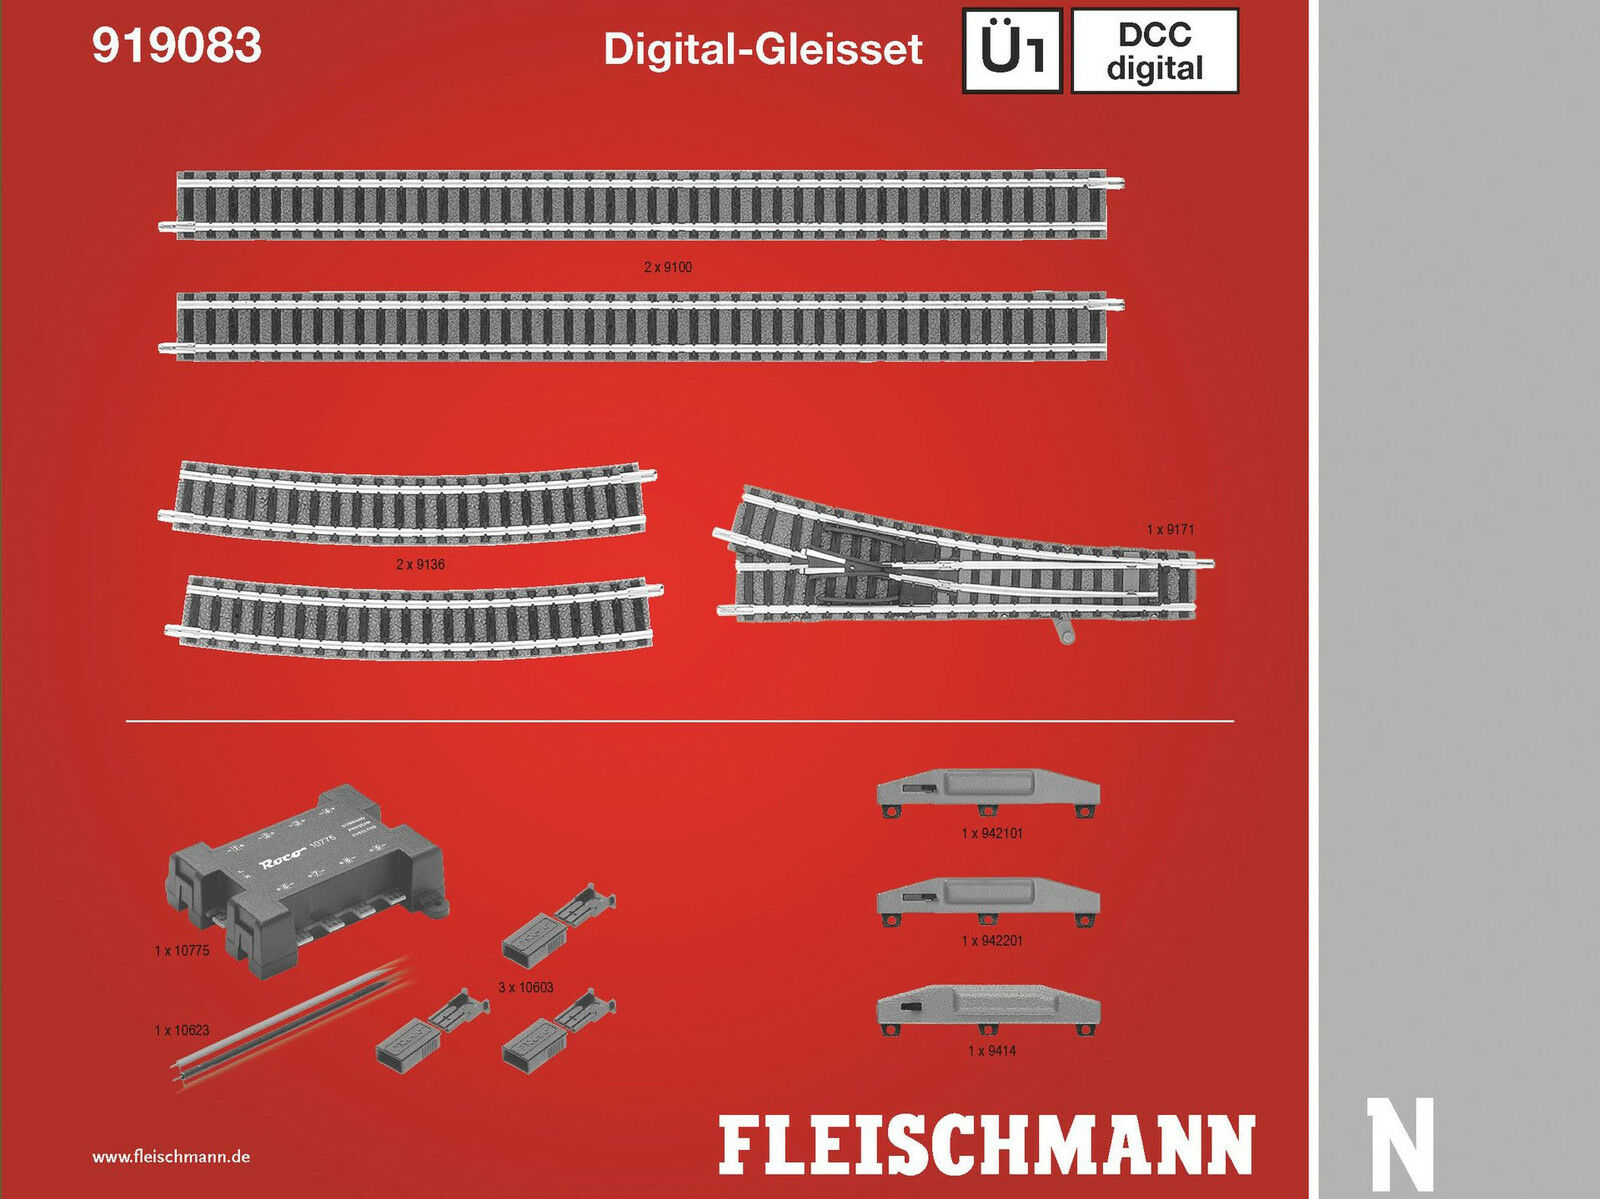 Fleischuomon Fleischuomon Fleischuomon 919083-DCC digital-gleisset ü1-Spur N-NUOVO 028286